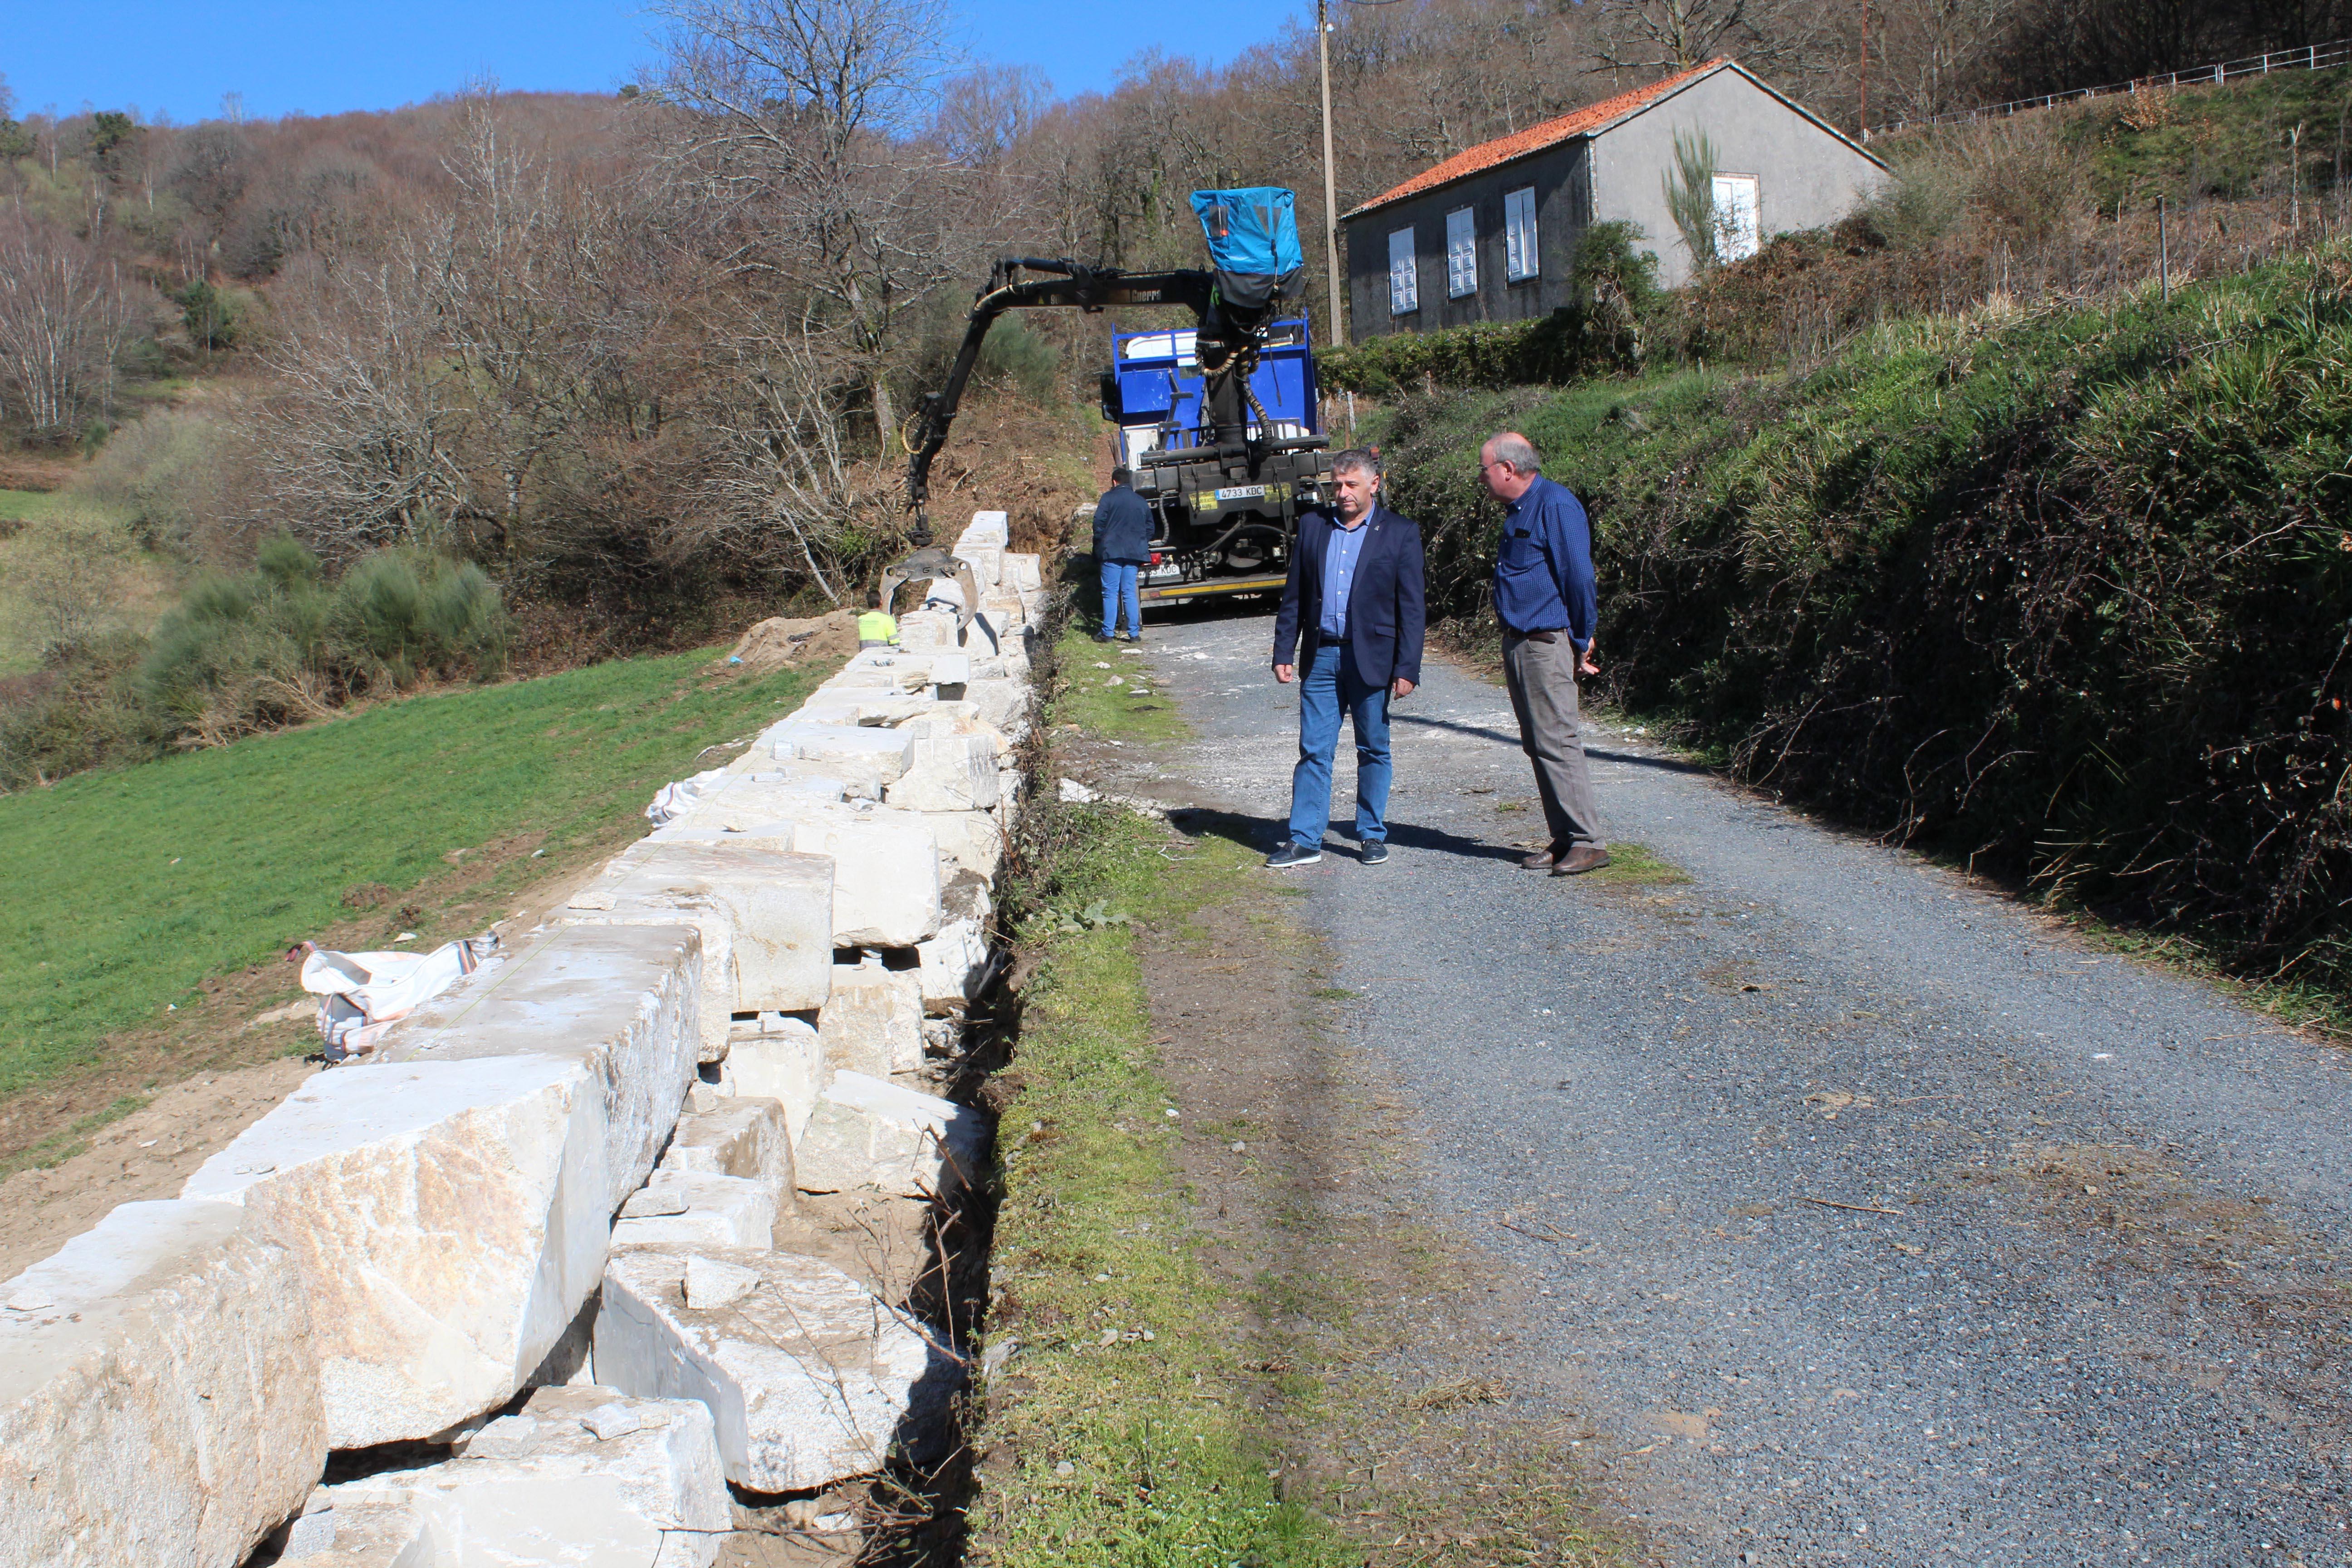 En marcha as obras de ampliación do acceso á igrexa e centro social de Refoxos